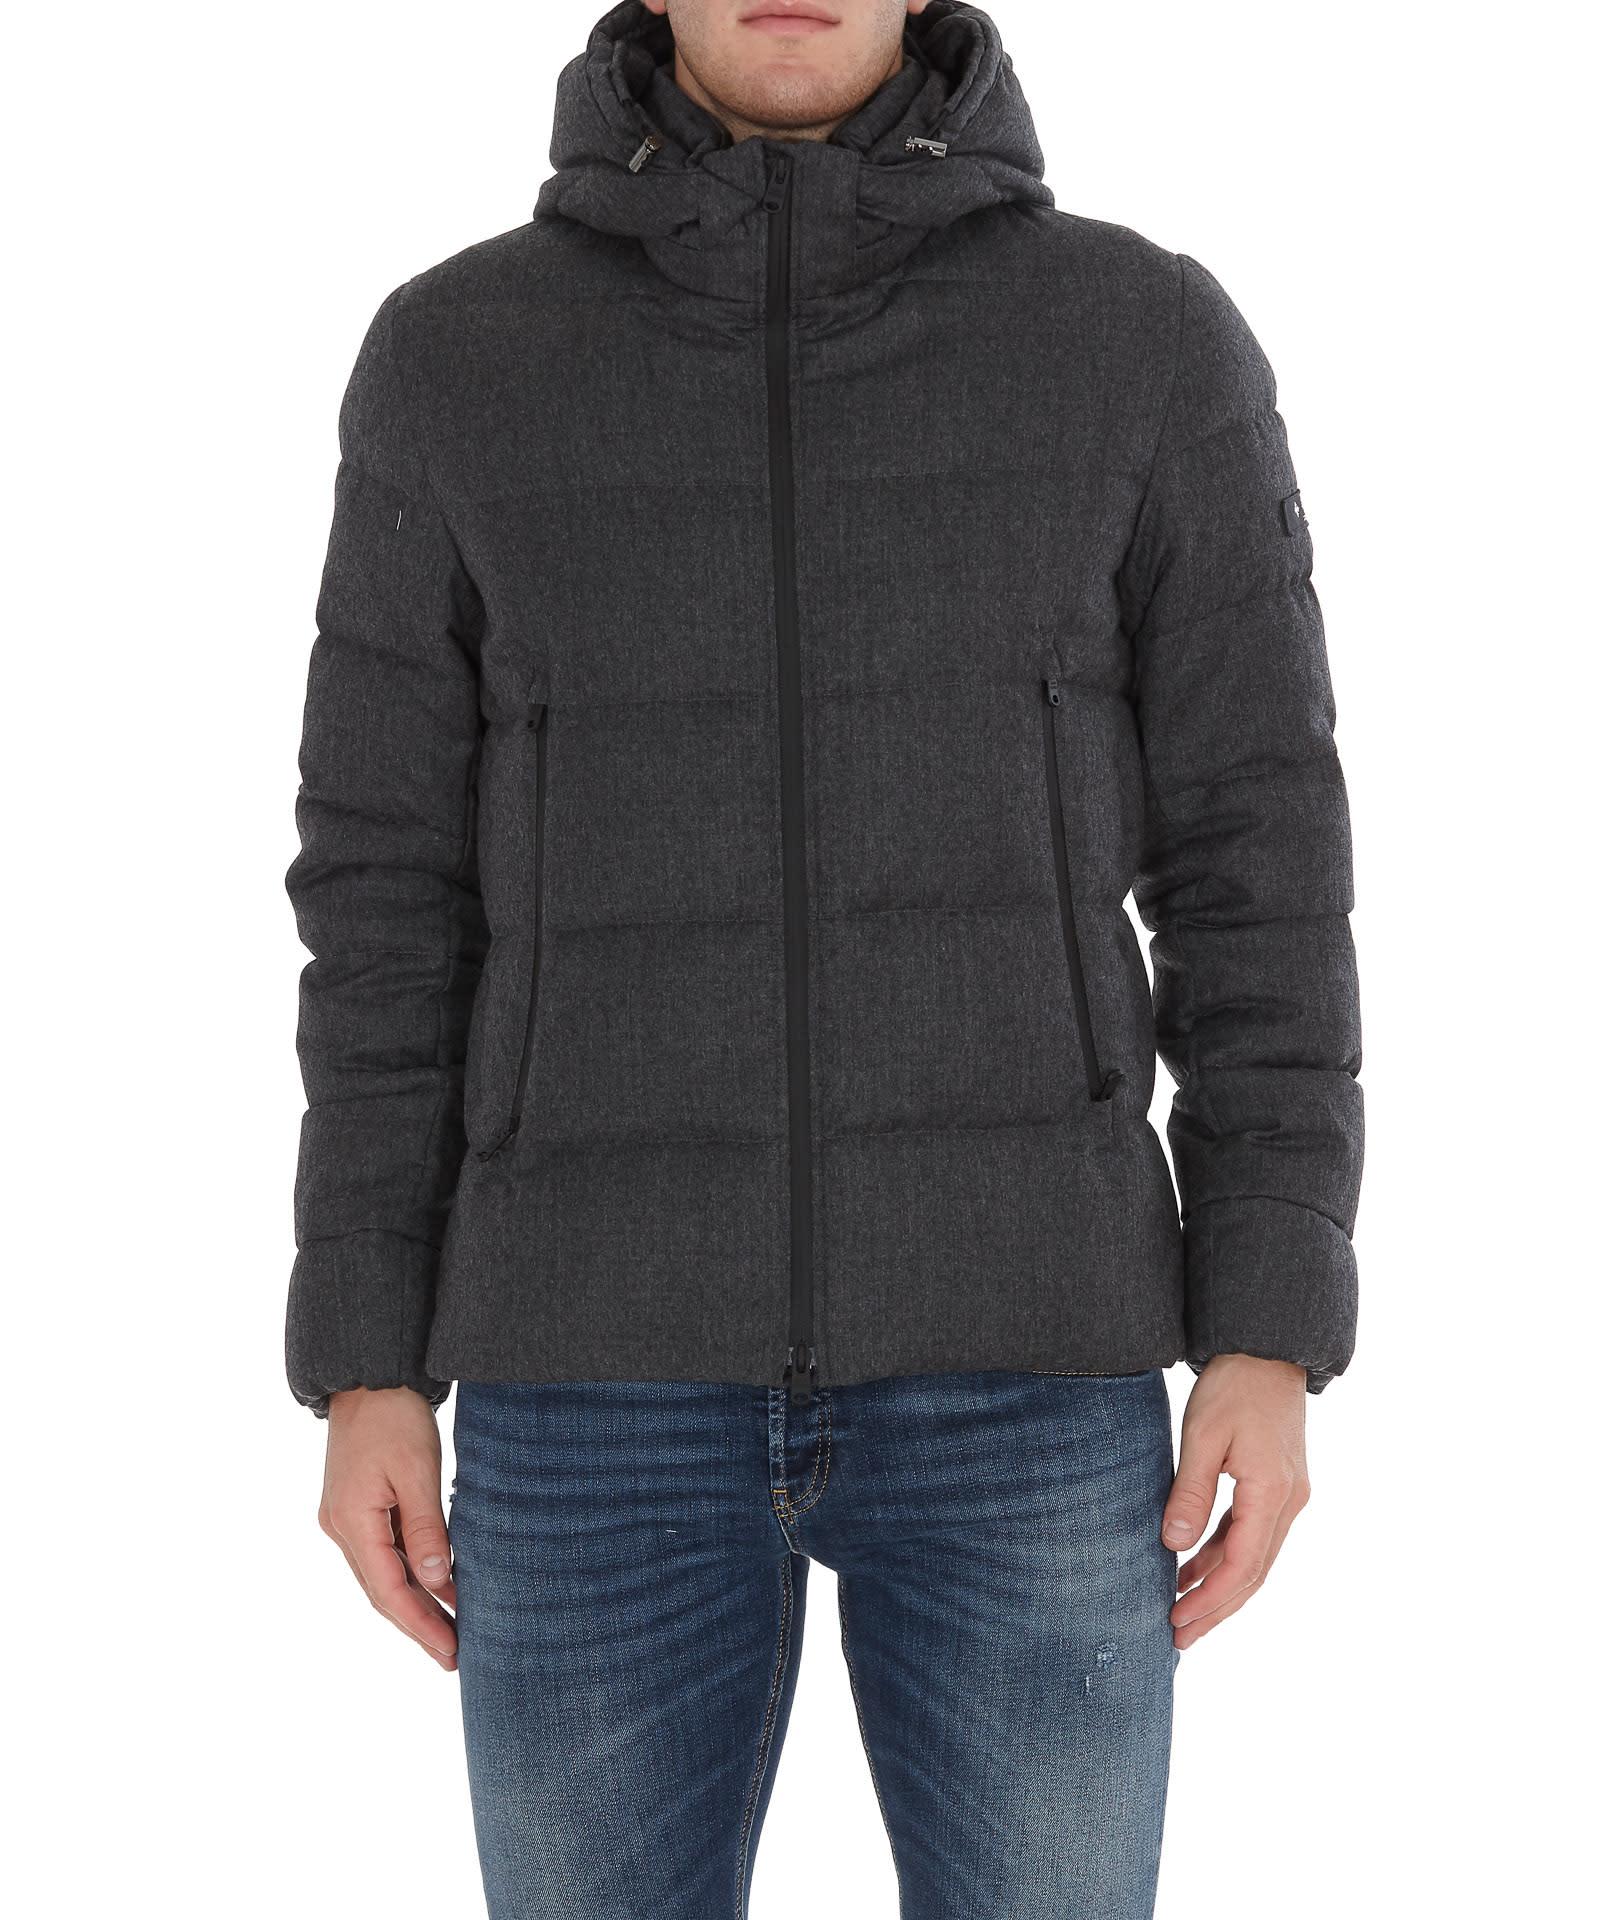 Tatras Agordo Jacket